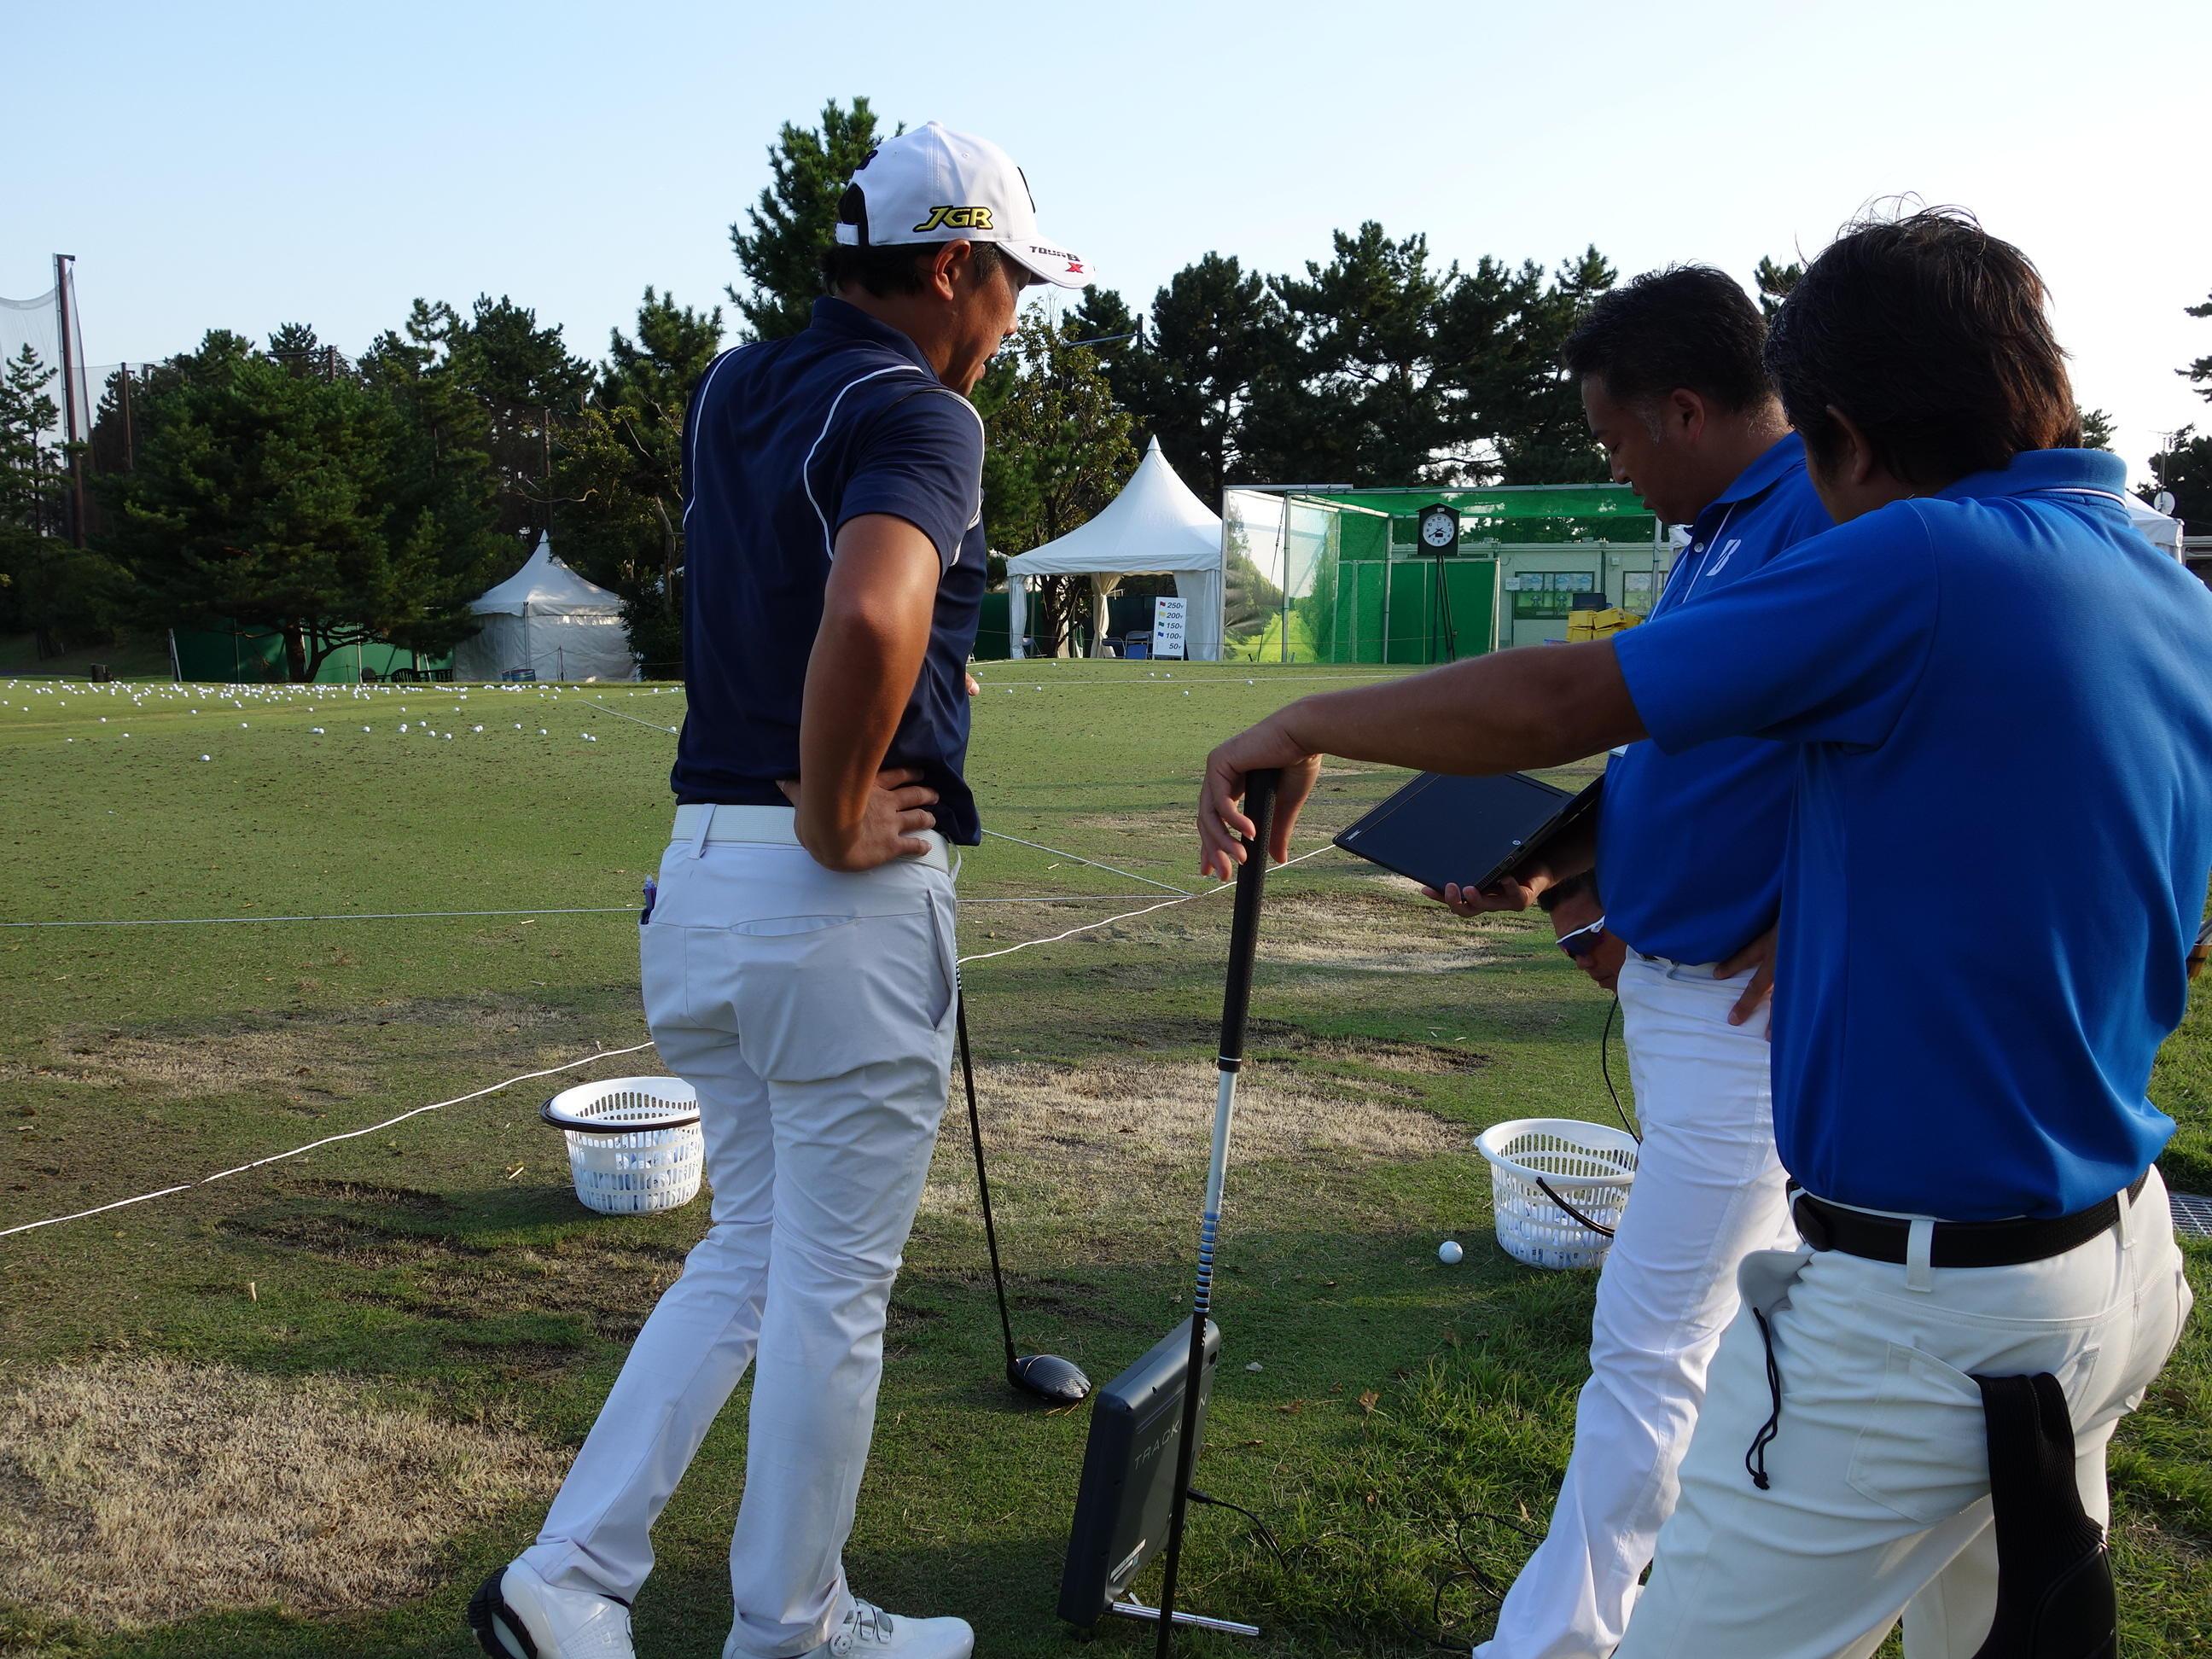 http://www.bs-golf.com/pro/02adf8d4c76652ffc9fdeaad88618978a411e7d4.JPG